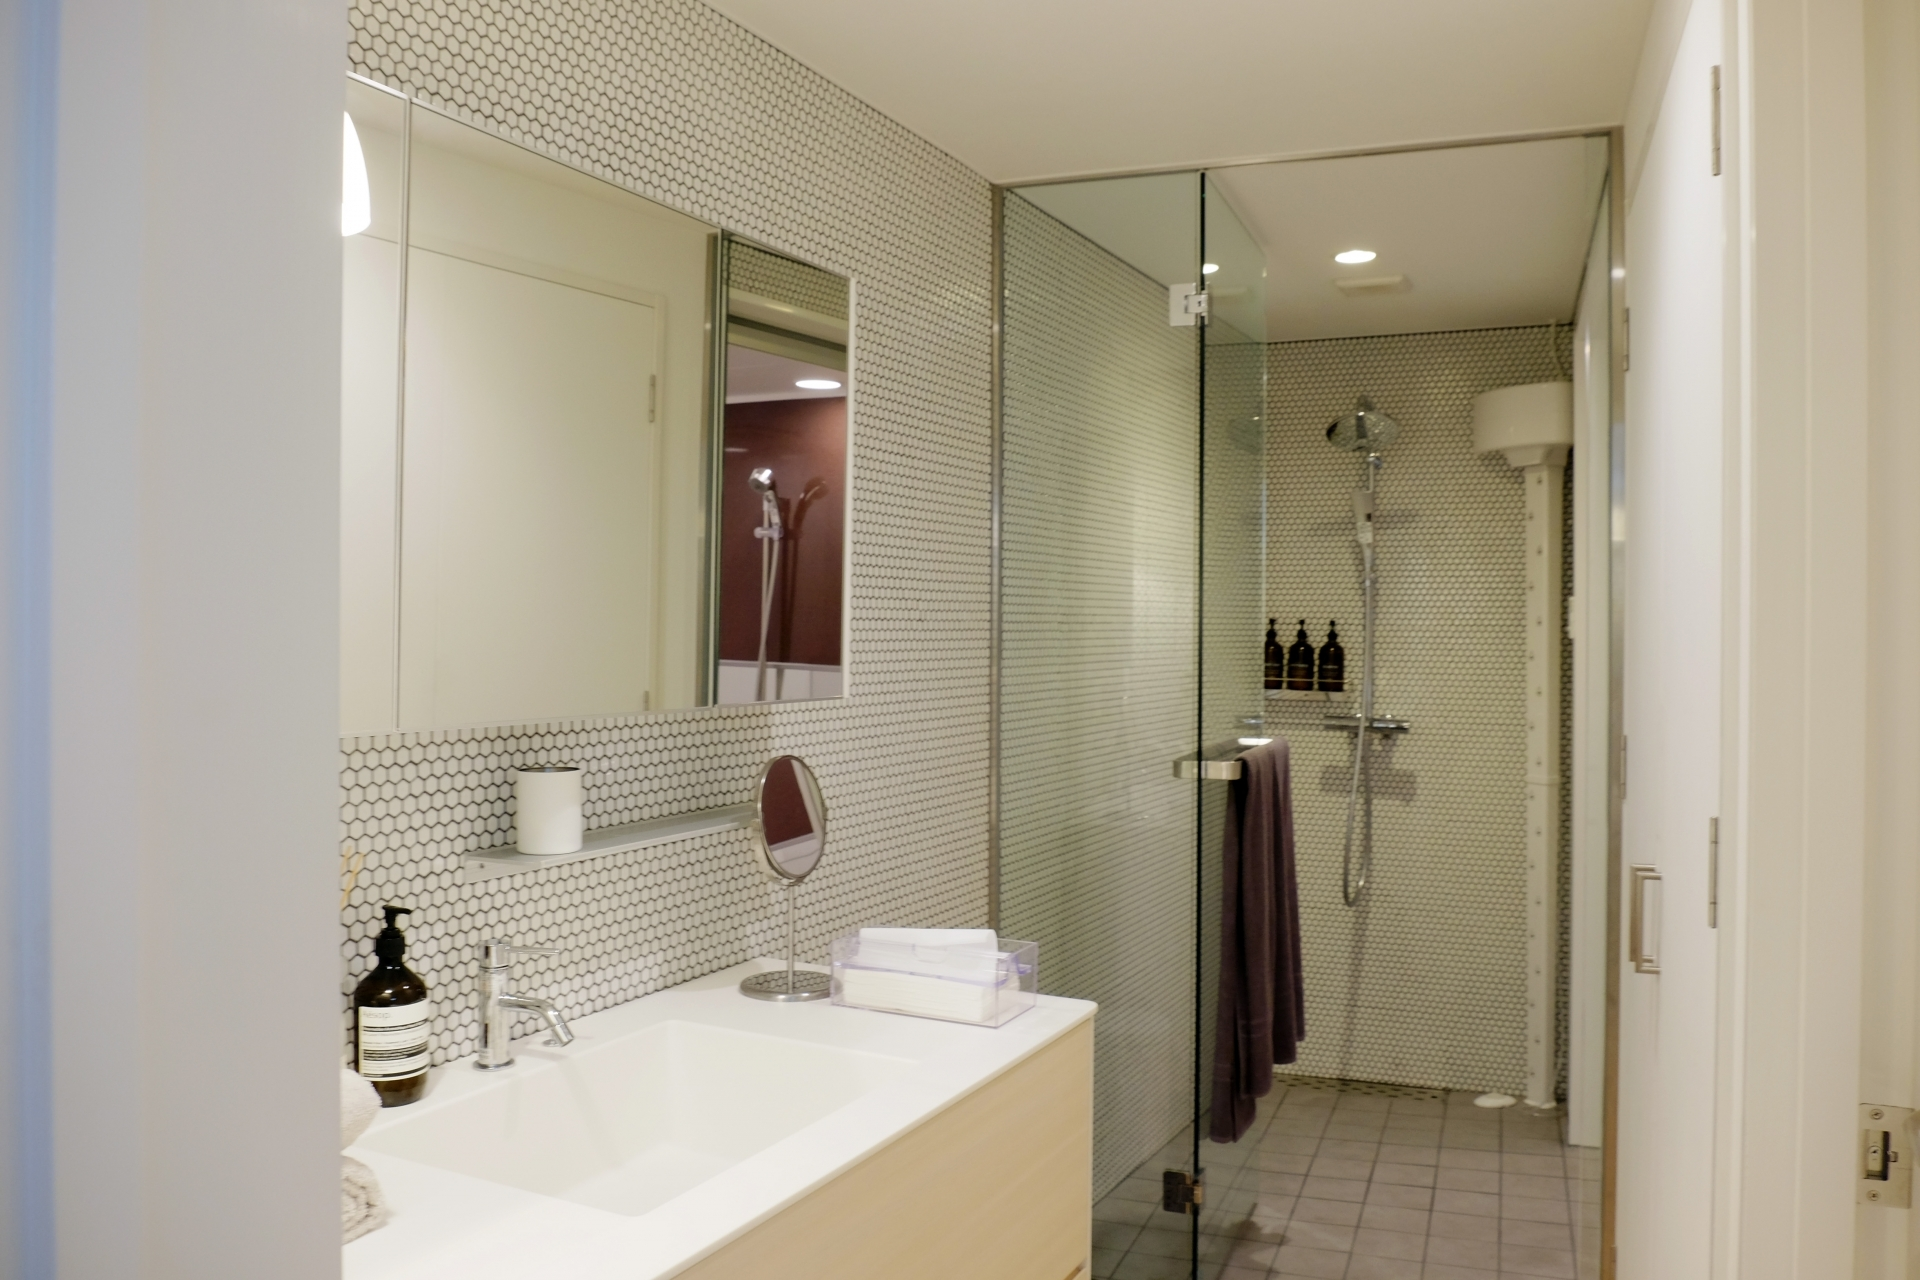 マンション リフォーム | タカラスタンダードのジャストサイズで設置できる洗面化粧台「リジャスト」の特徴